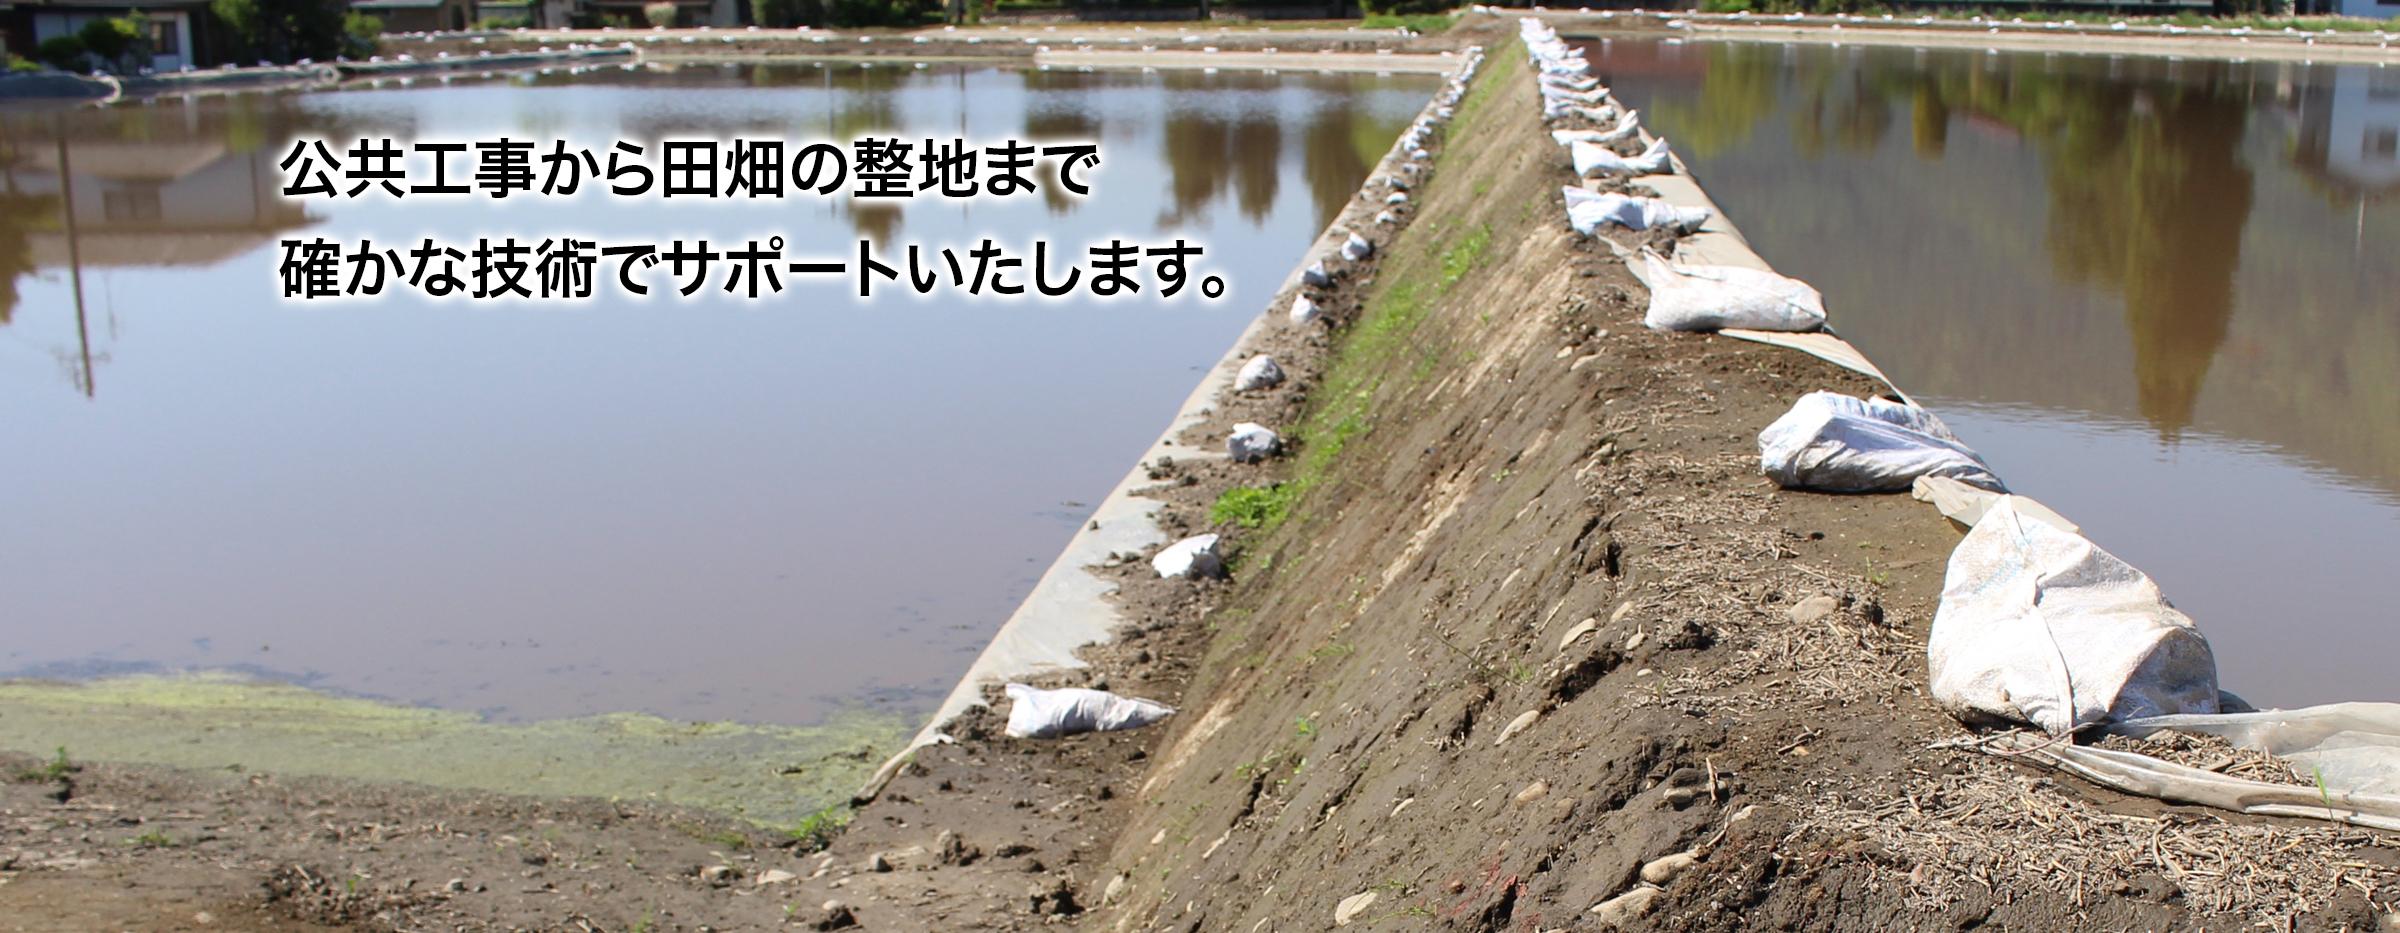 栃木 市 災害